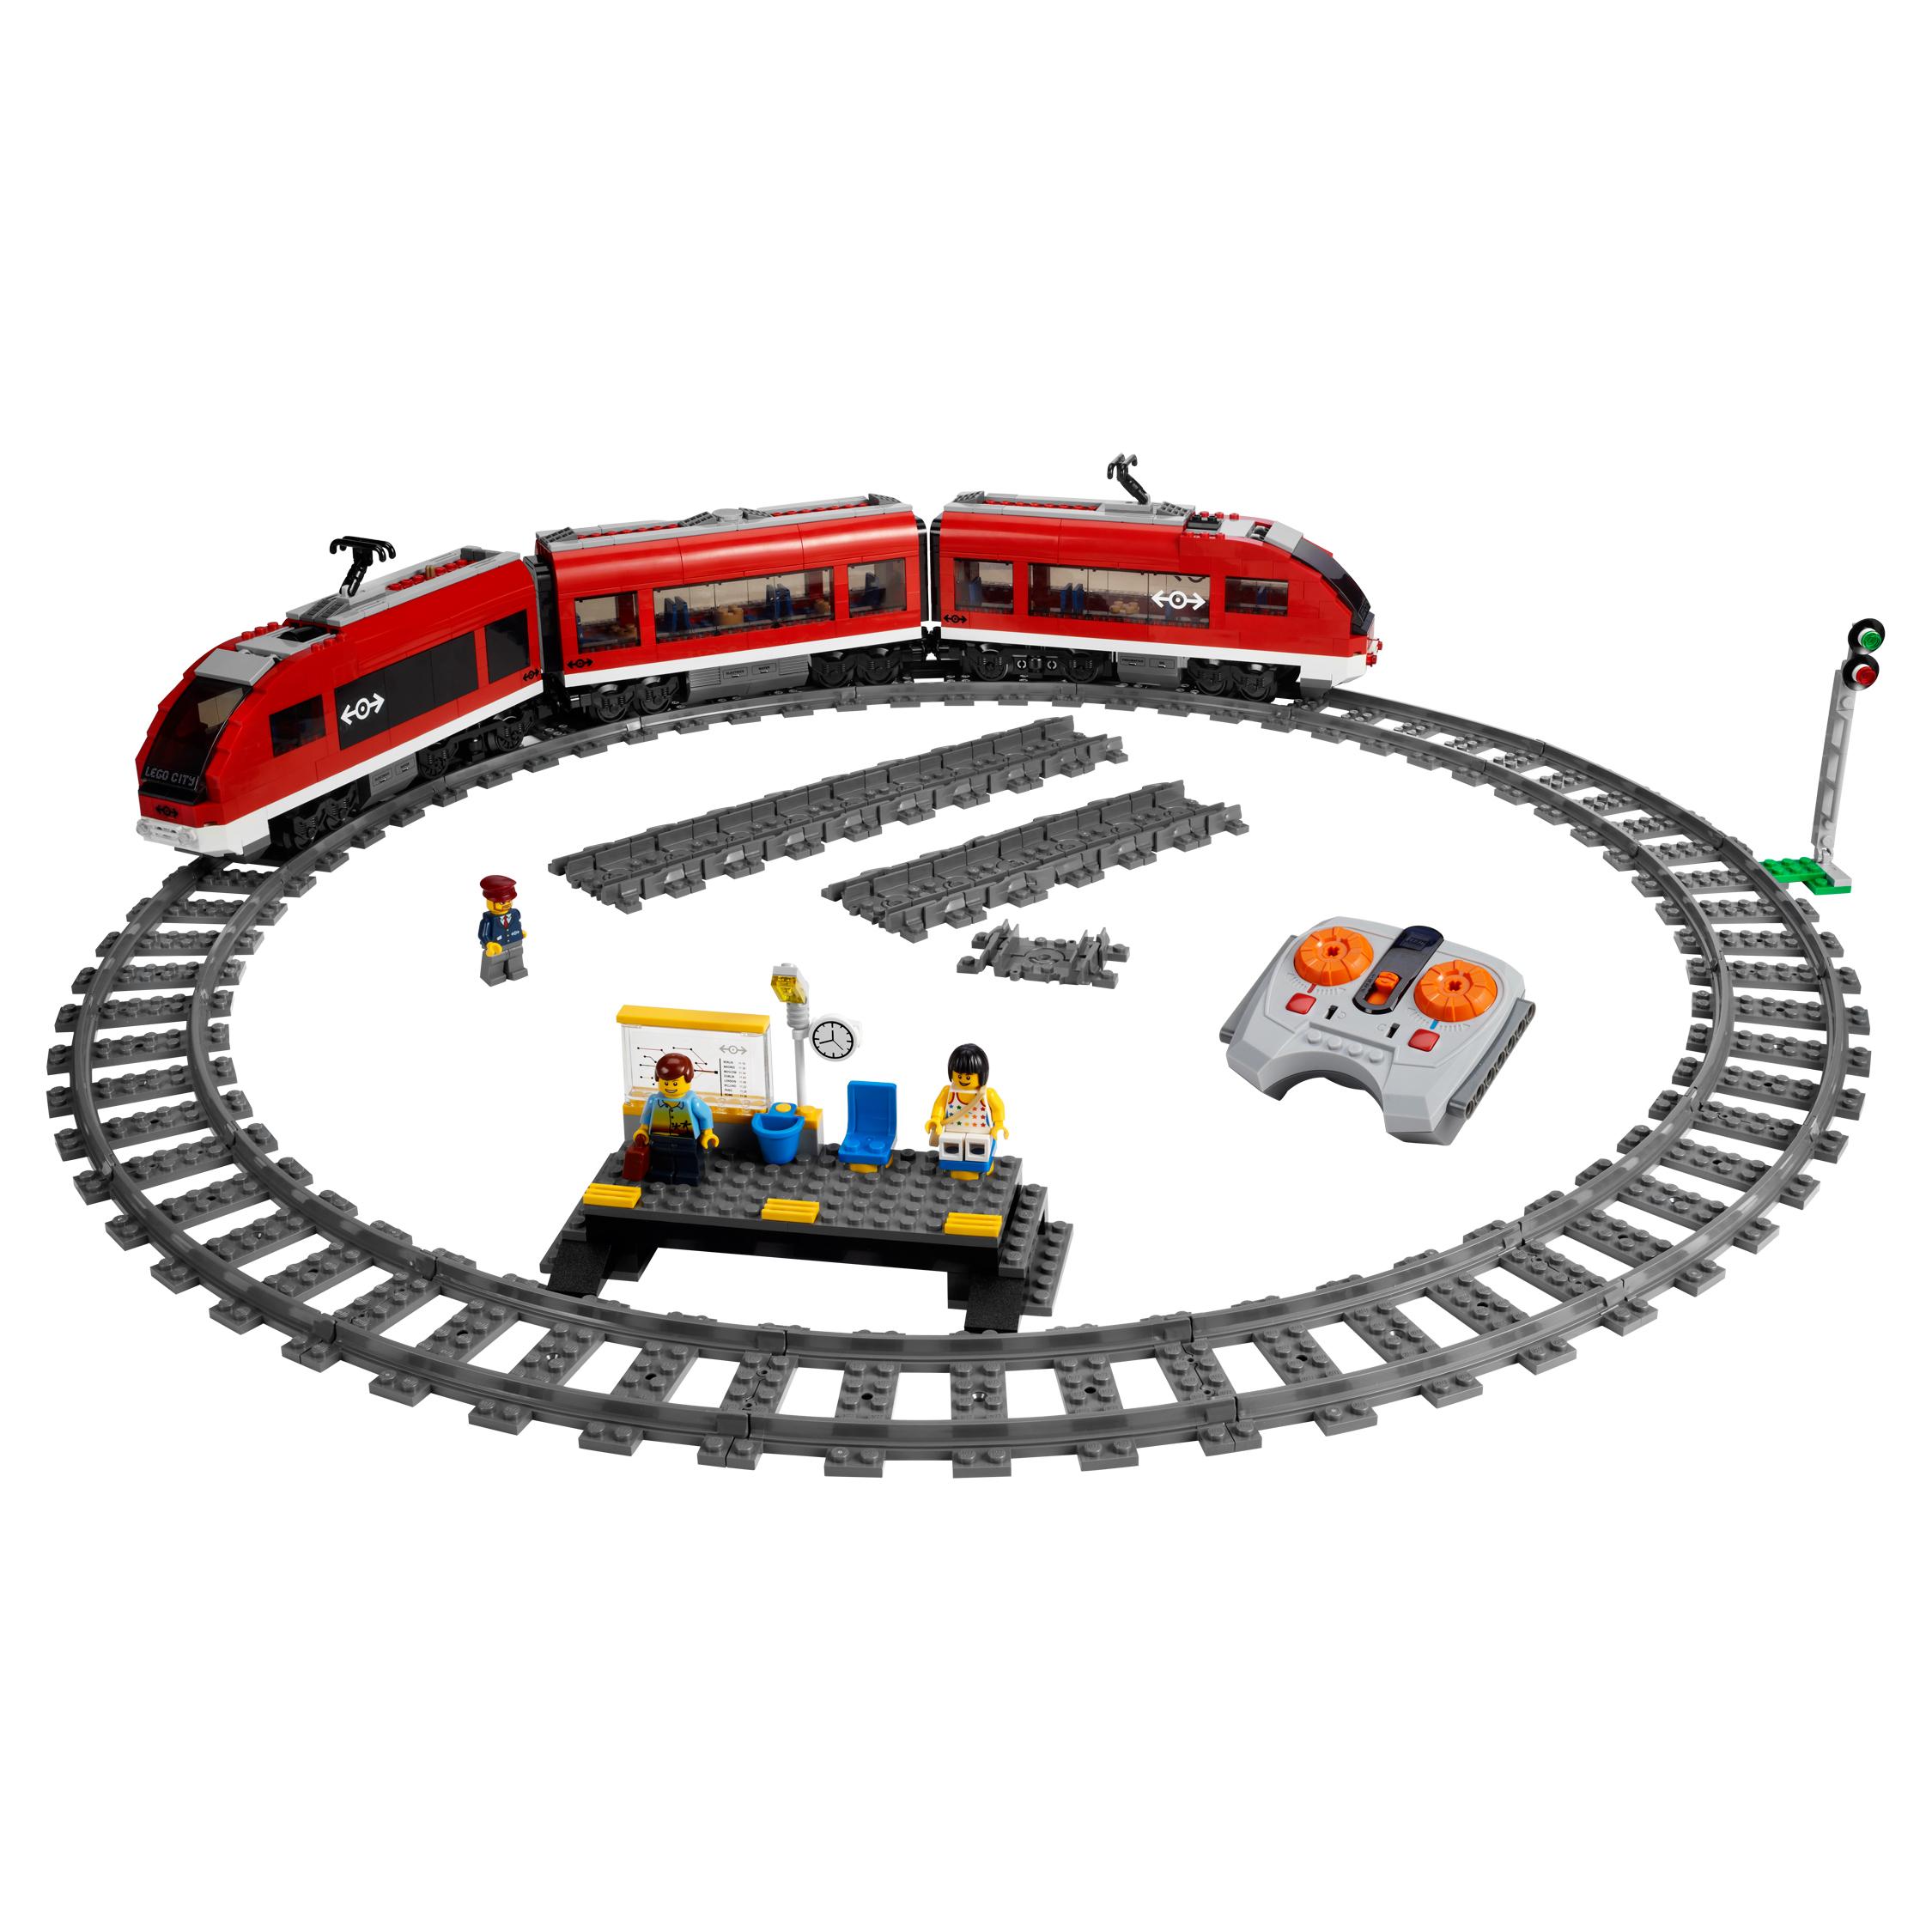 Купить Конструктор lego city trains пассажирский поезд 7938, Конструктор LEGO City Trains Пассажирский поезд (7938)